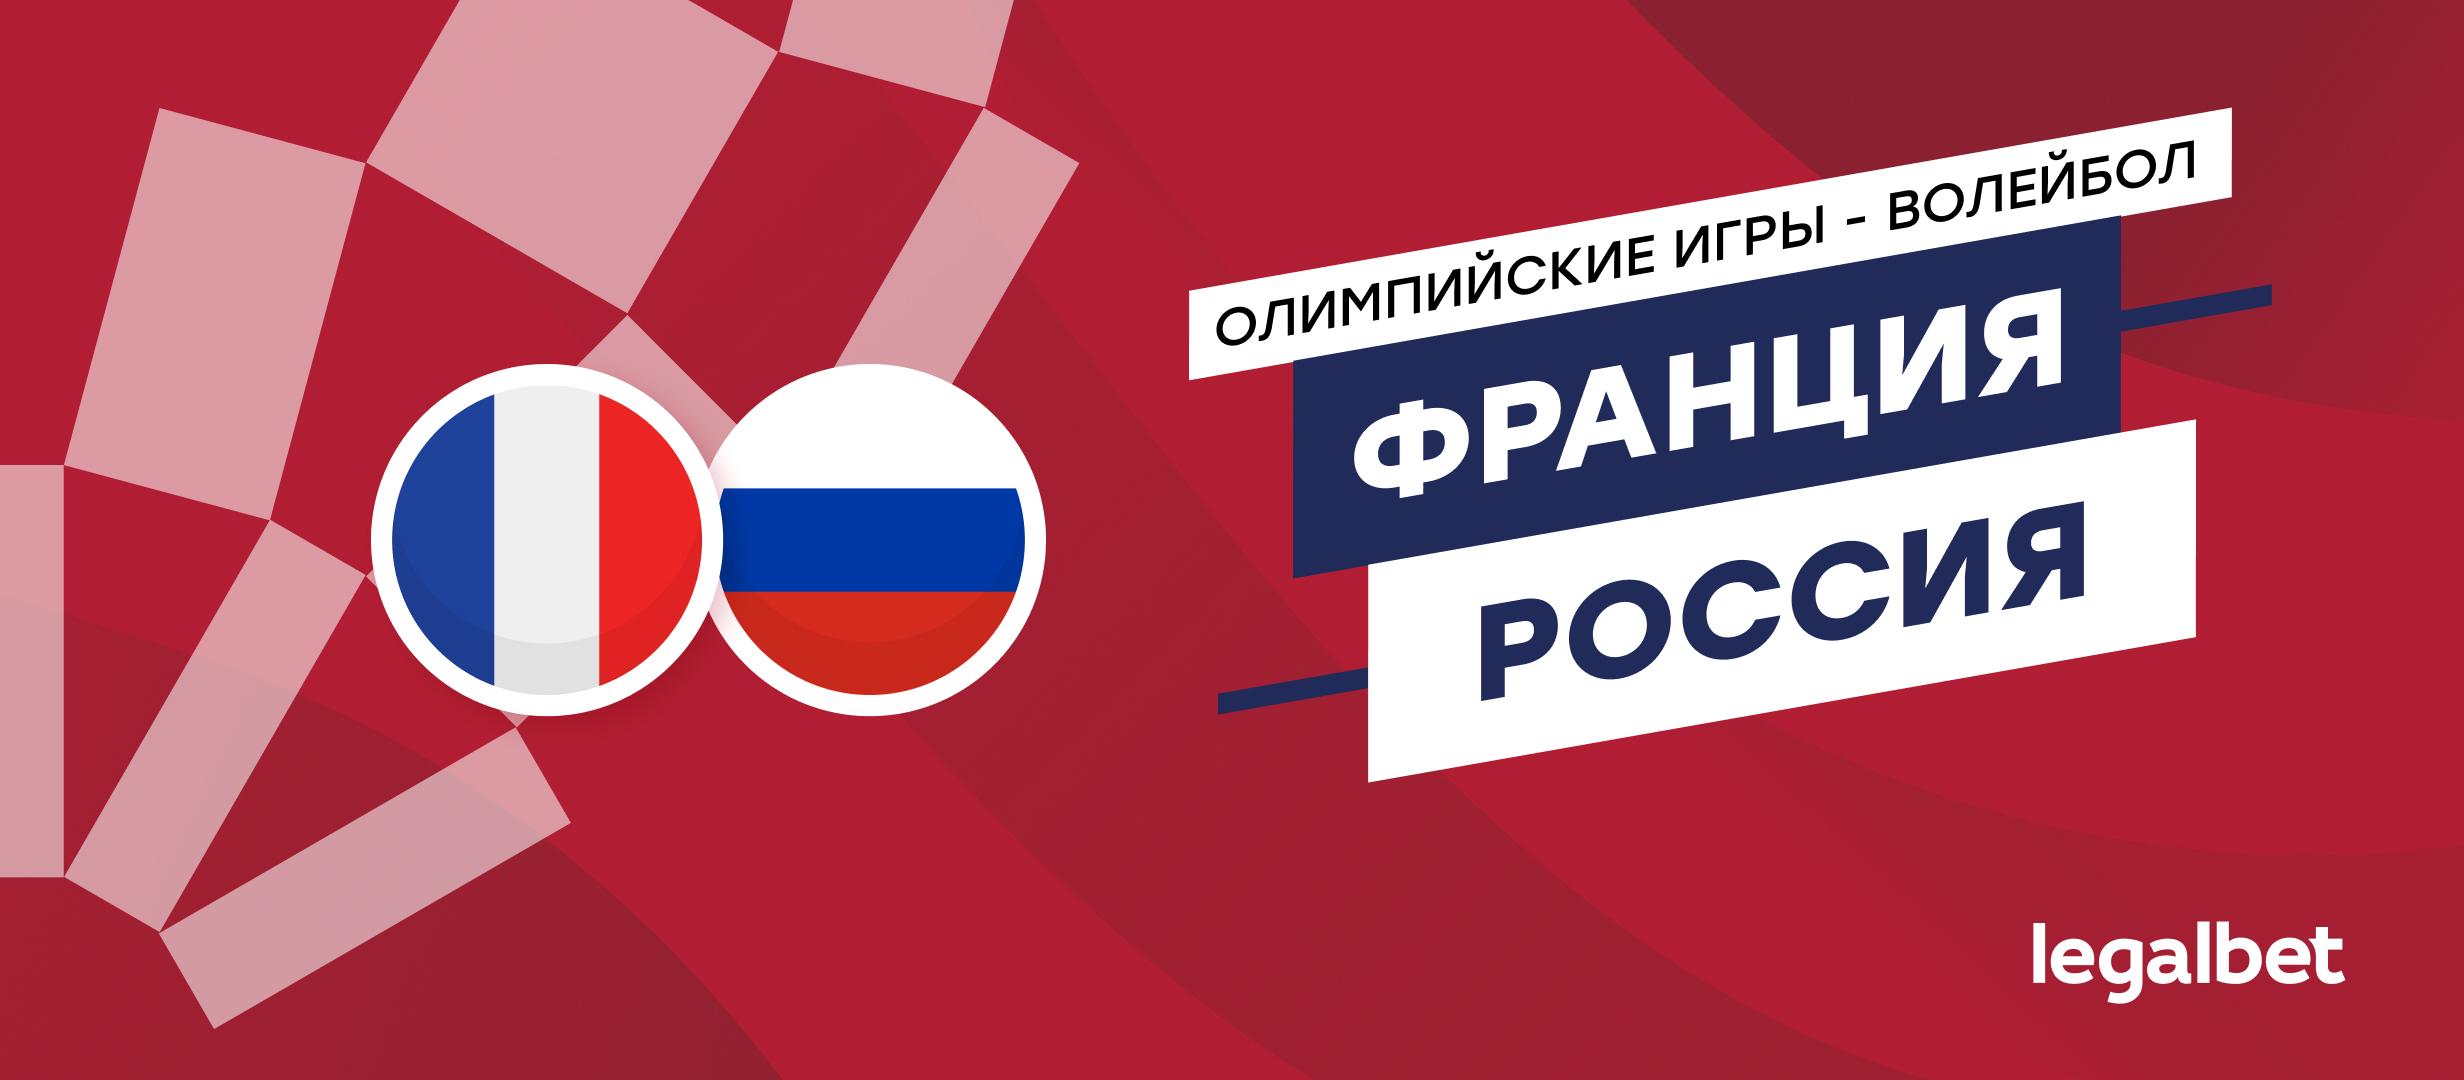 Франция — Россия: коэффициенты и ставки на финал Олимпиады по волейболу